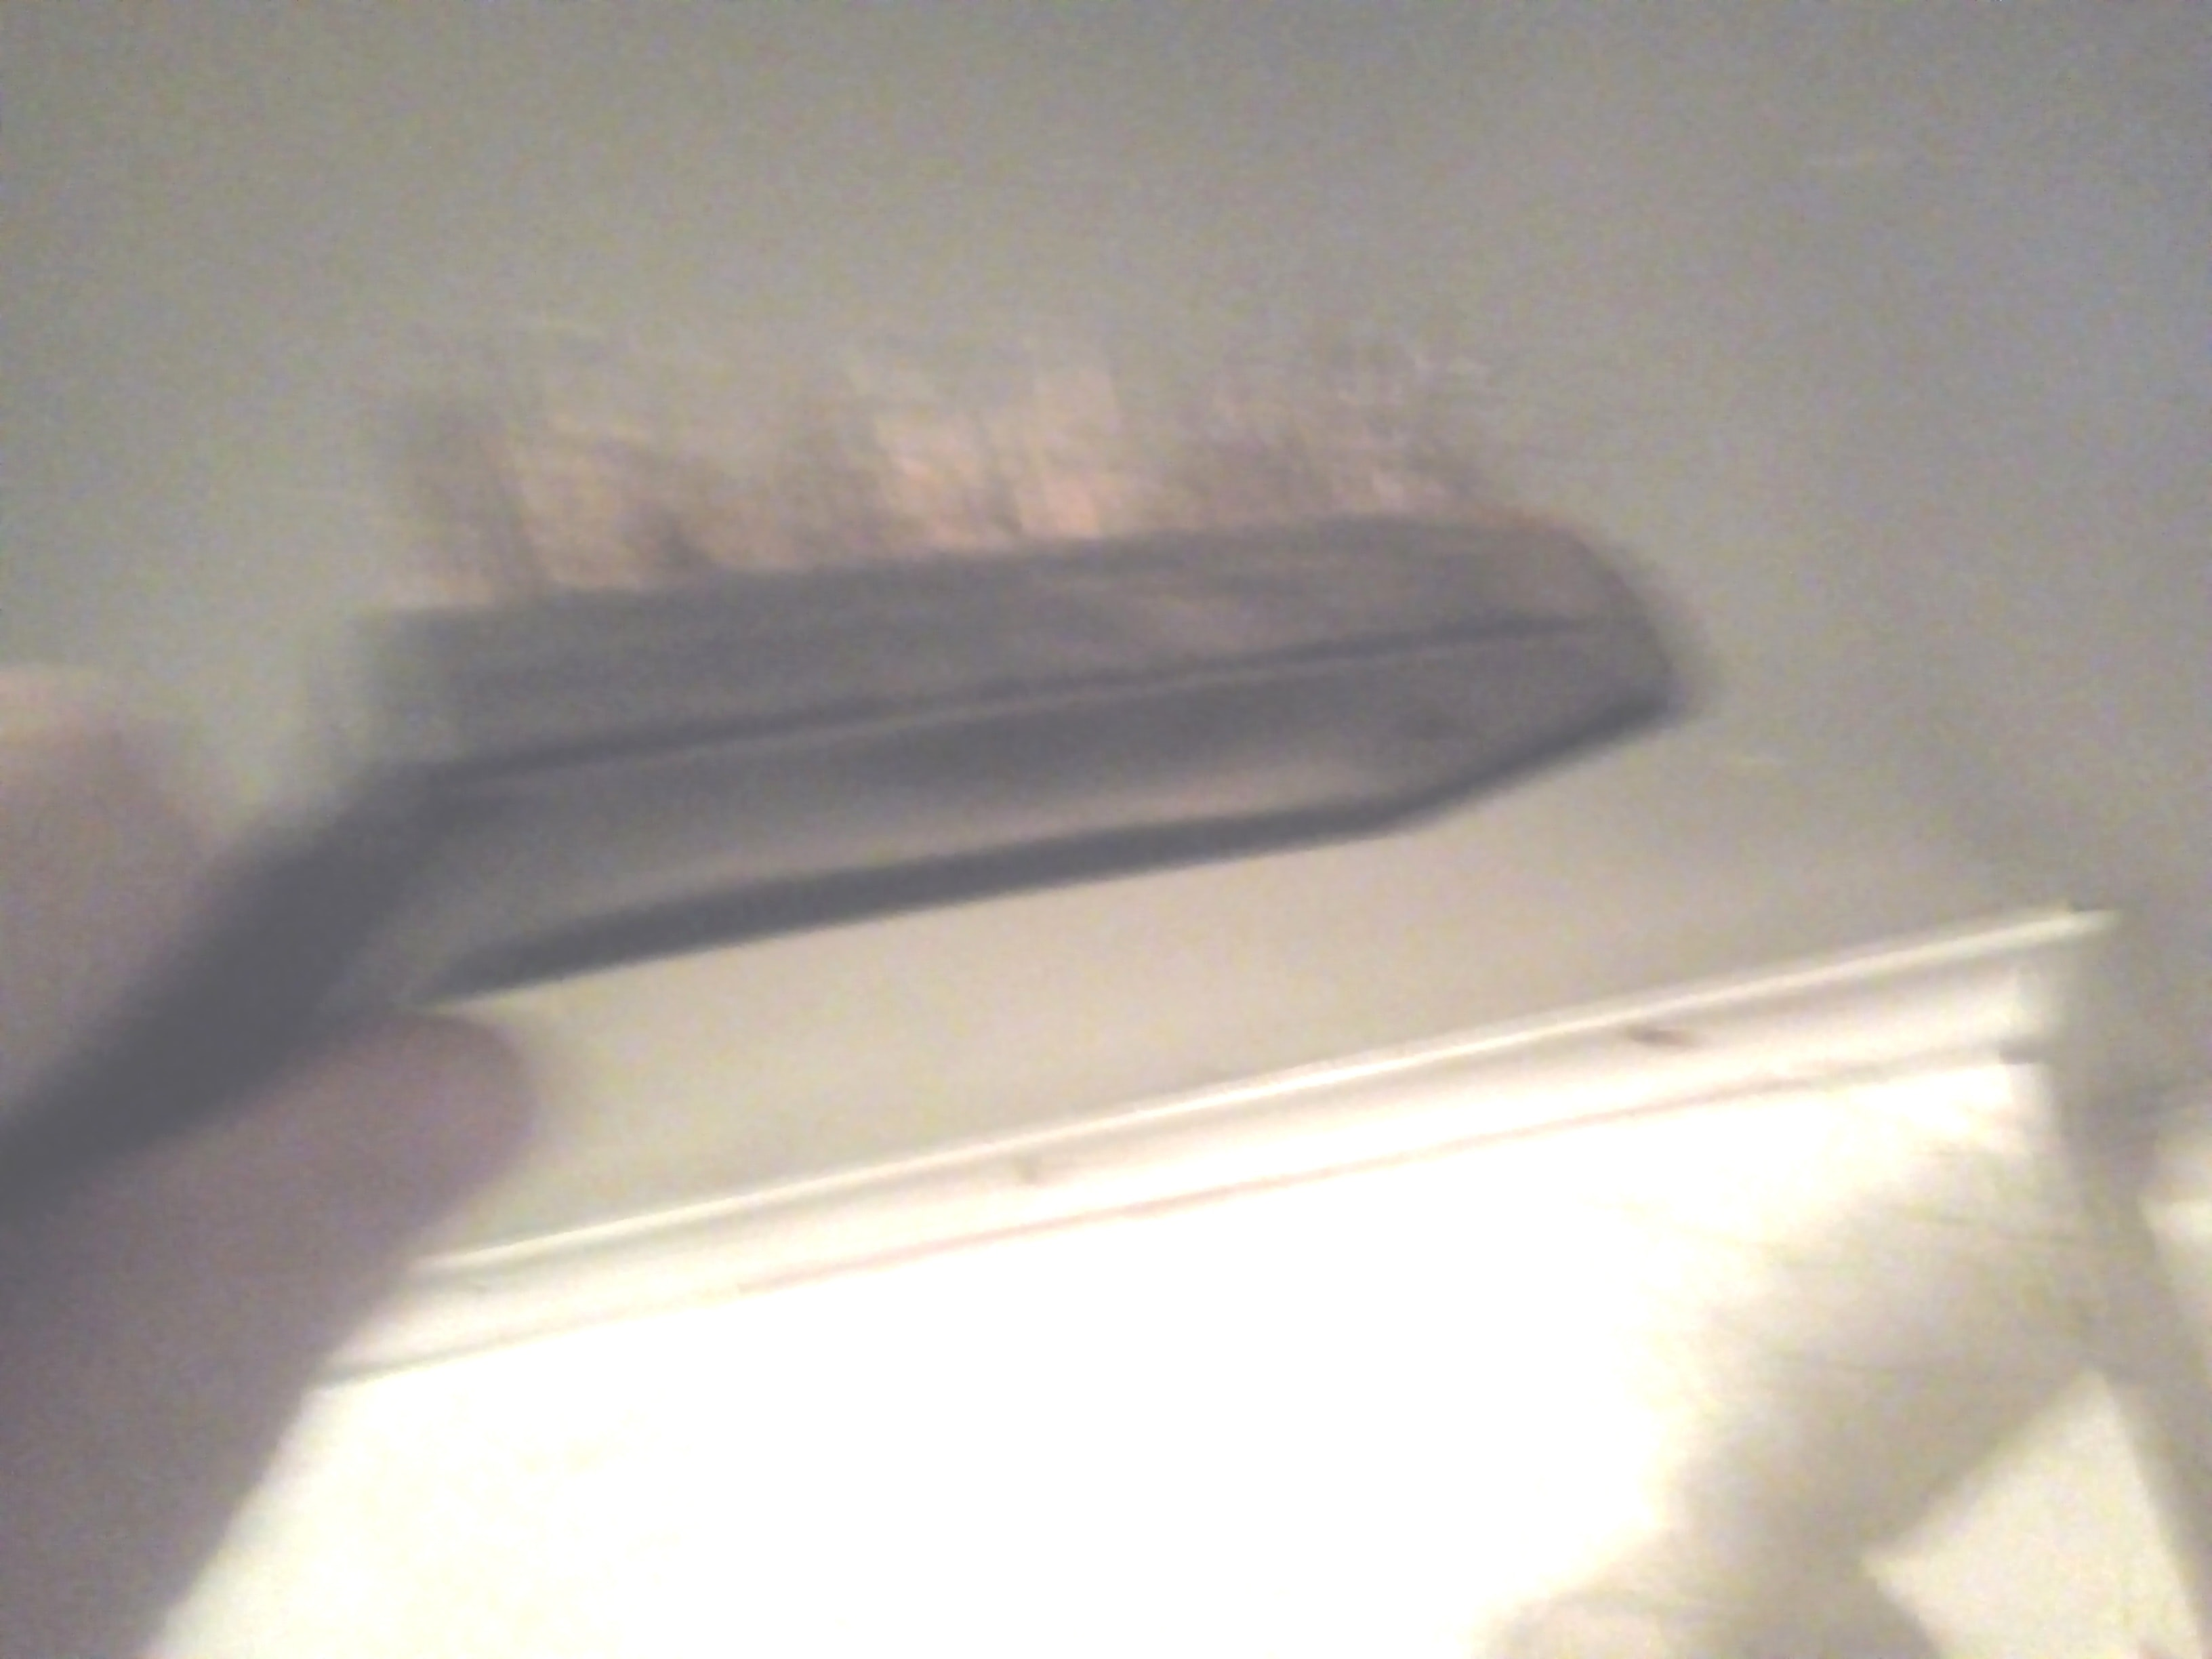 Как зашпаклевать потолок своими руками под покраску, снятие побелки с потолка металлической щеткой -min